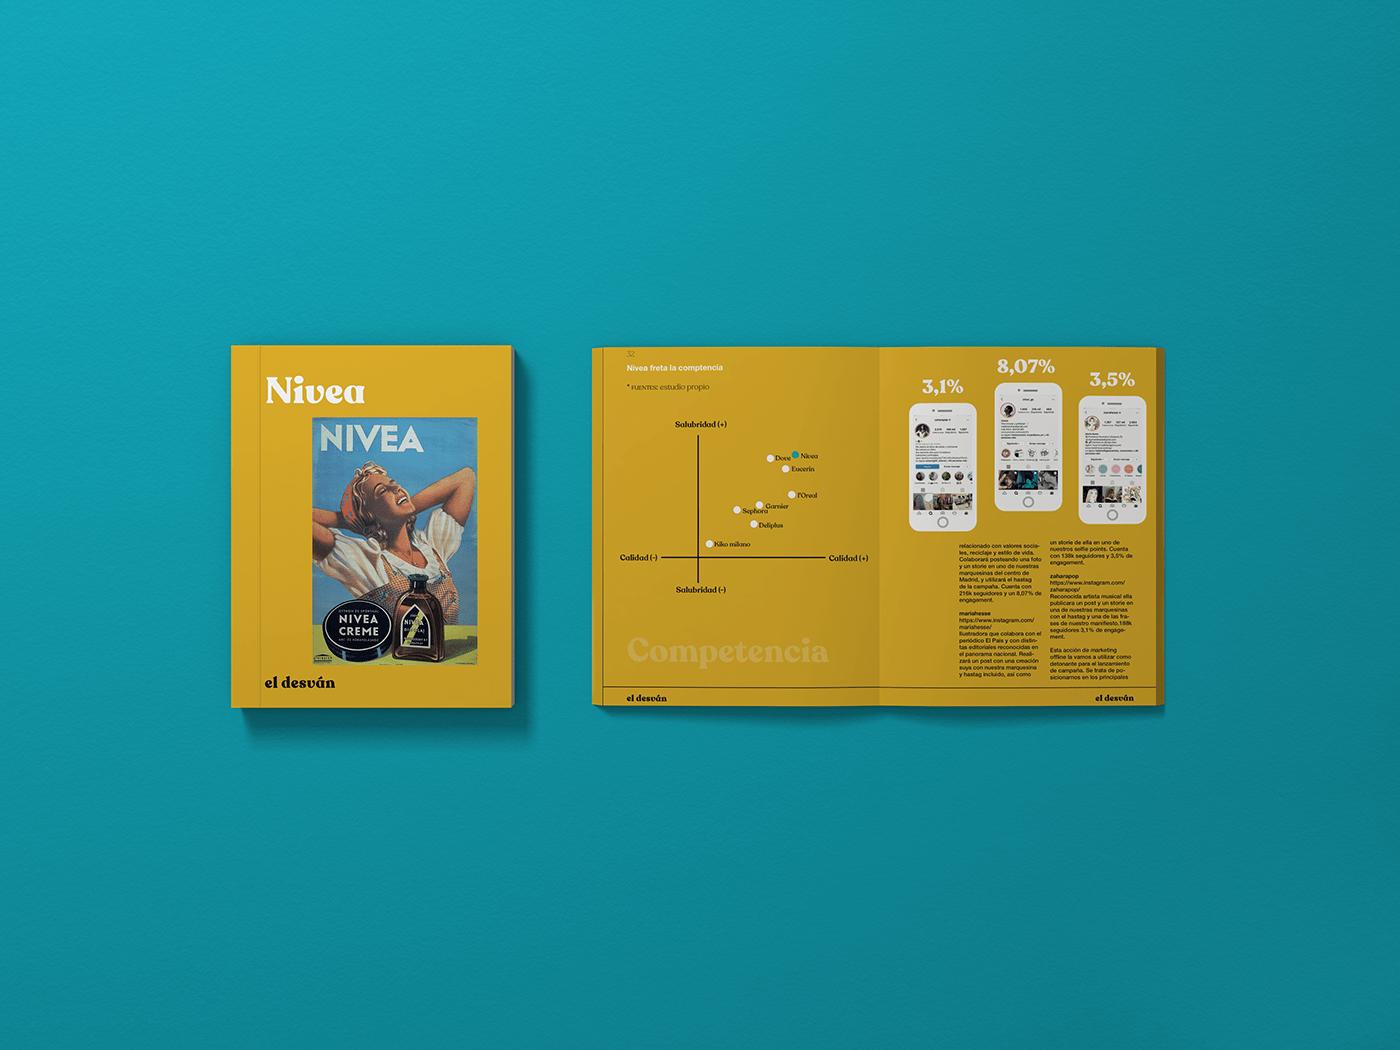 Image may contain: book mocup whith infography, nivea marketing campain. Libro de memoria infografia